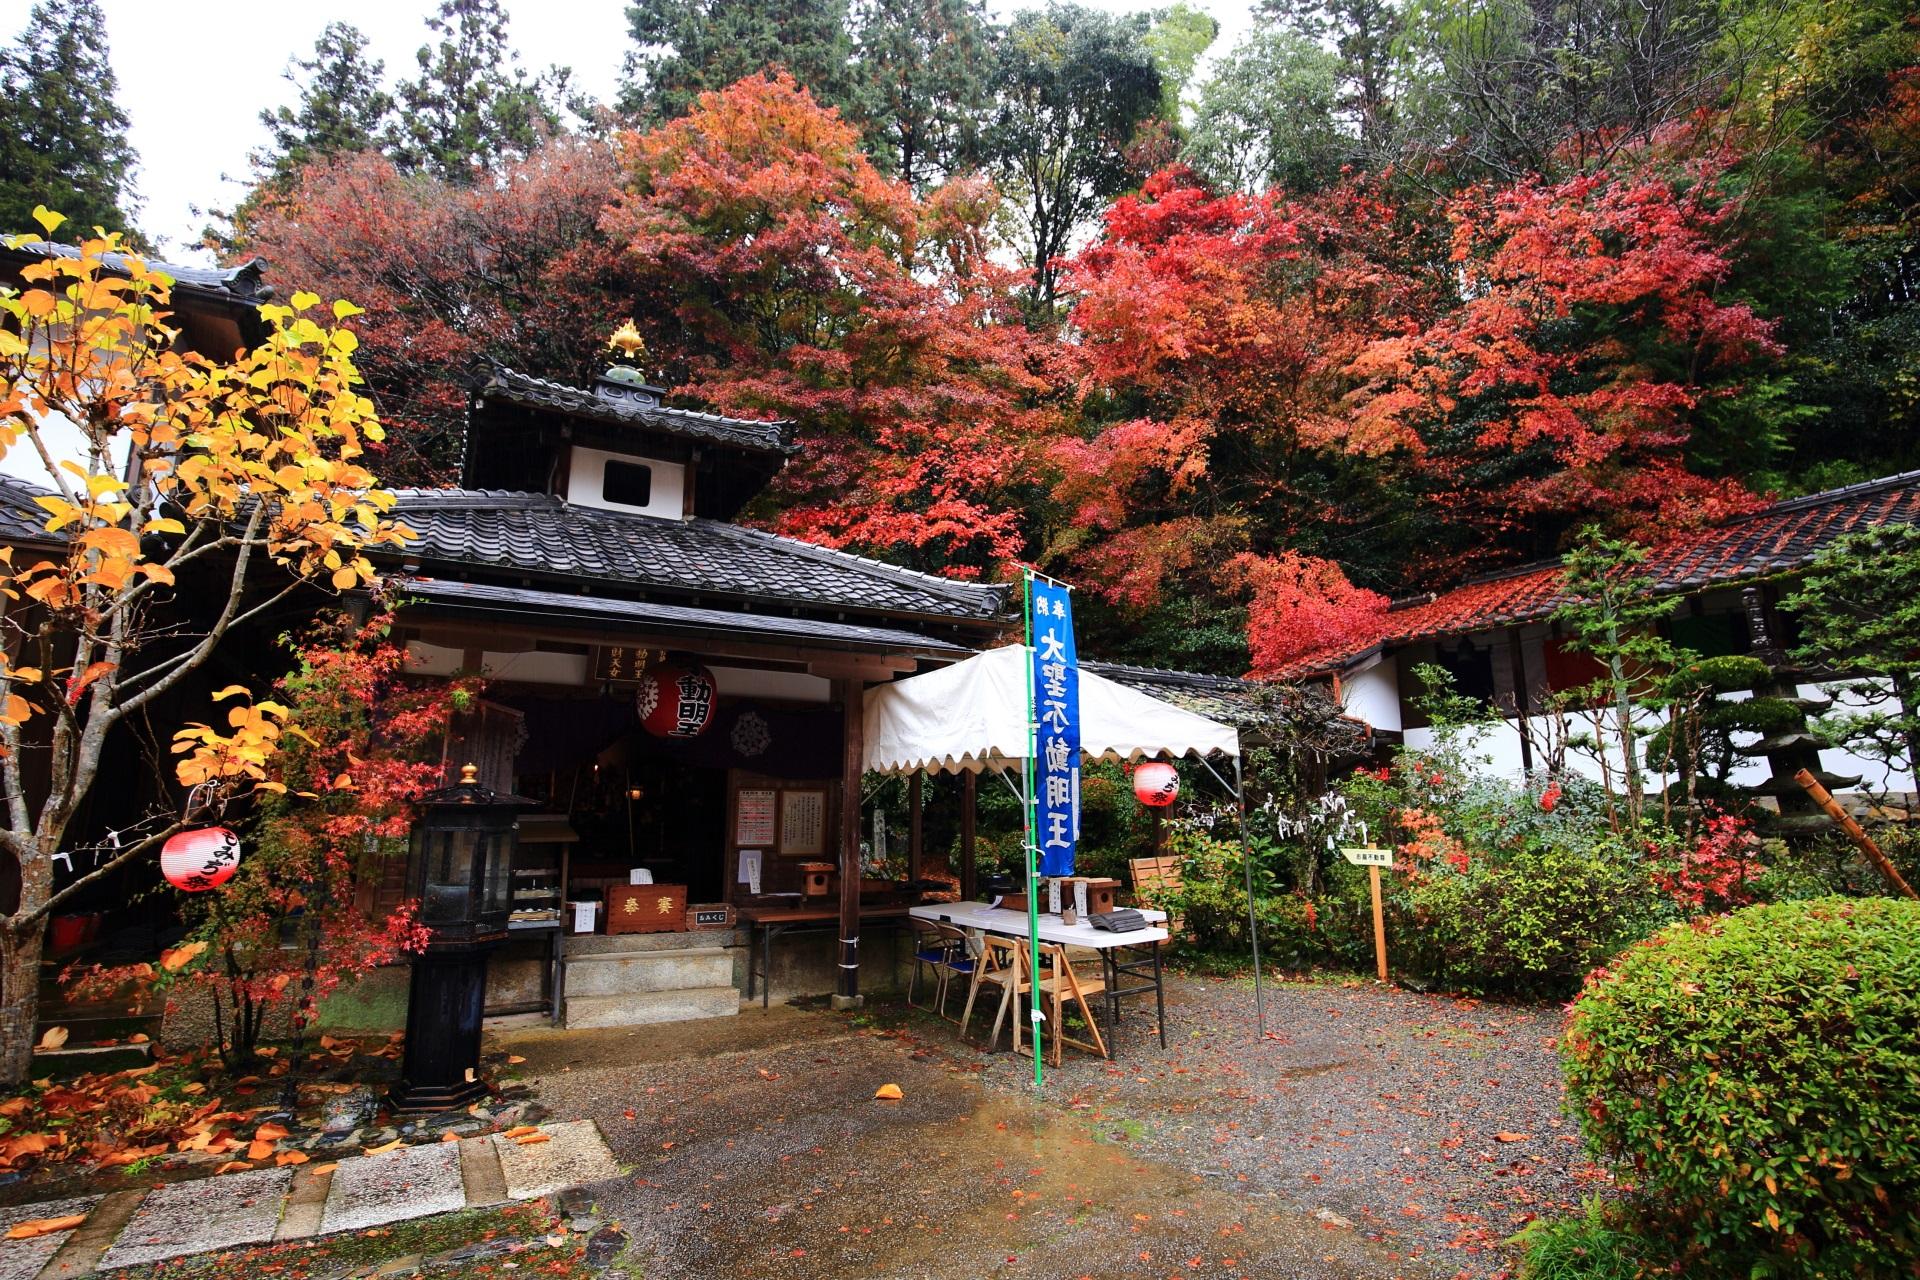 山科聖天の本堂と溢れる深い色づきの紅葉